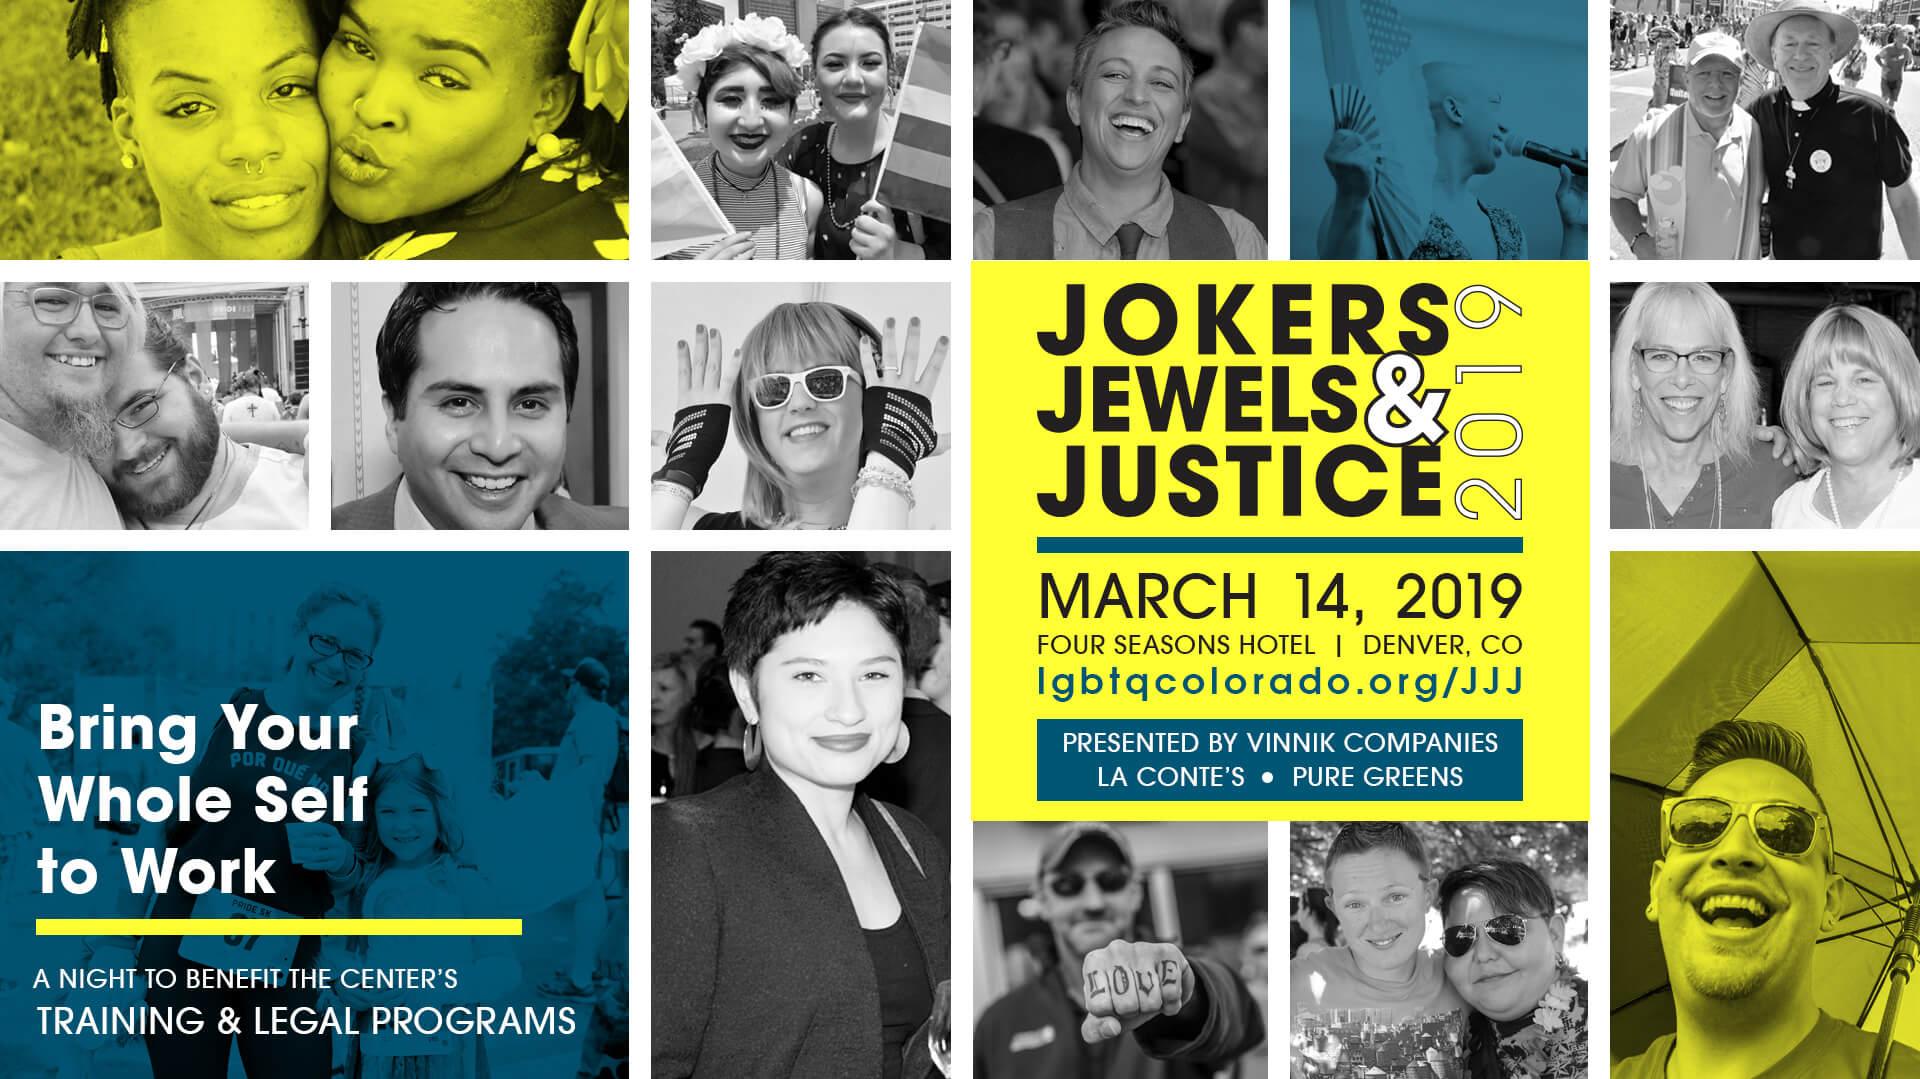 Jokers, Jewels & Justice Presented by Vinnik Companies